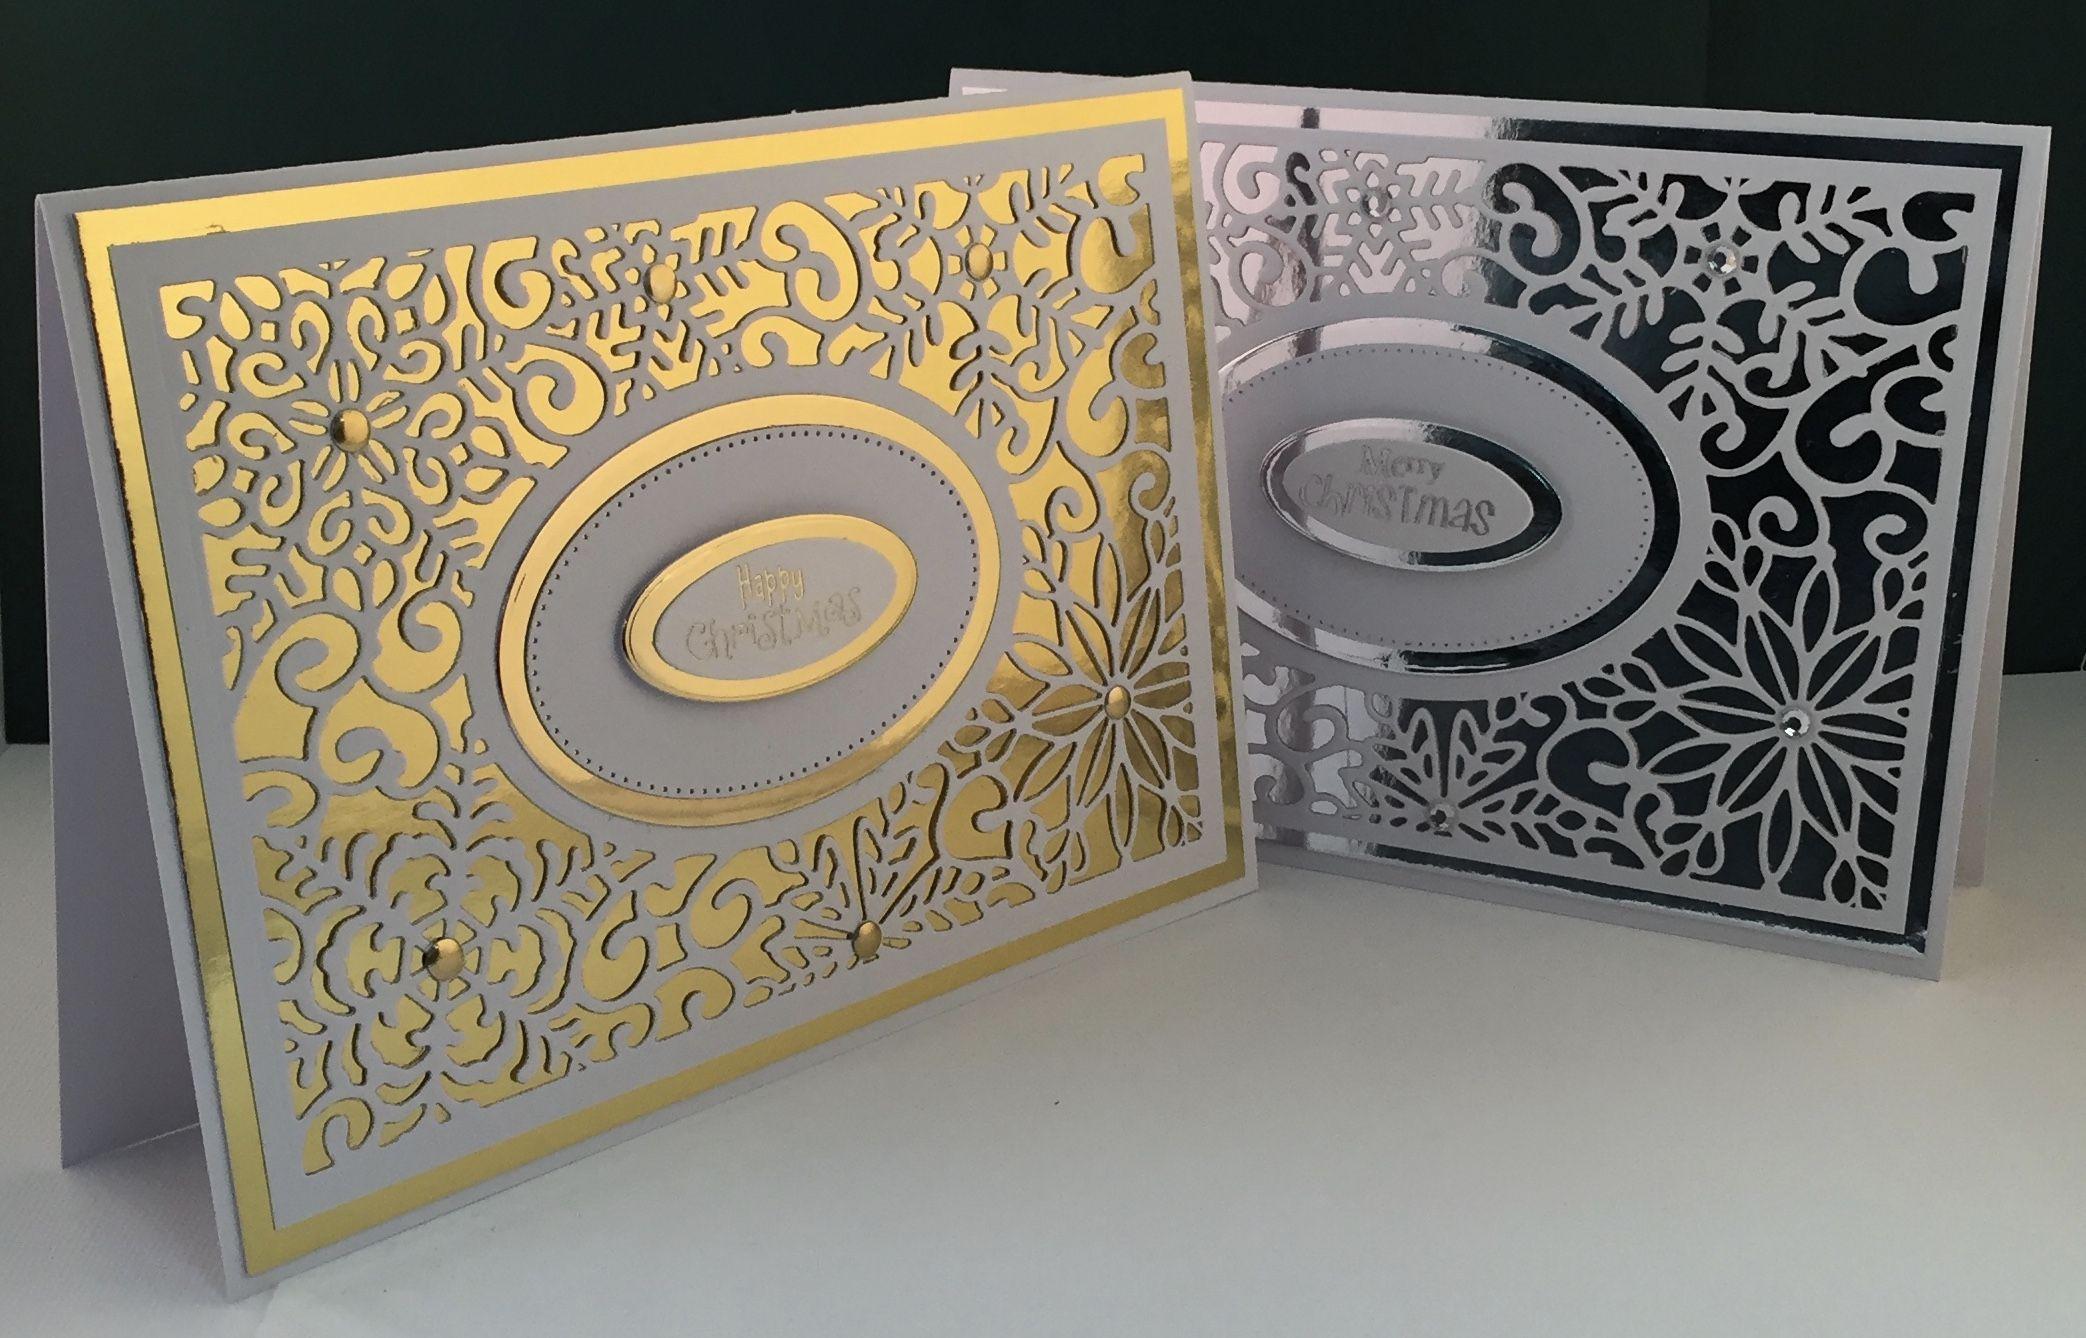 открытки с тиснением и конгревом внутреннего пространства